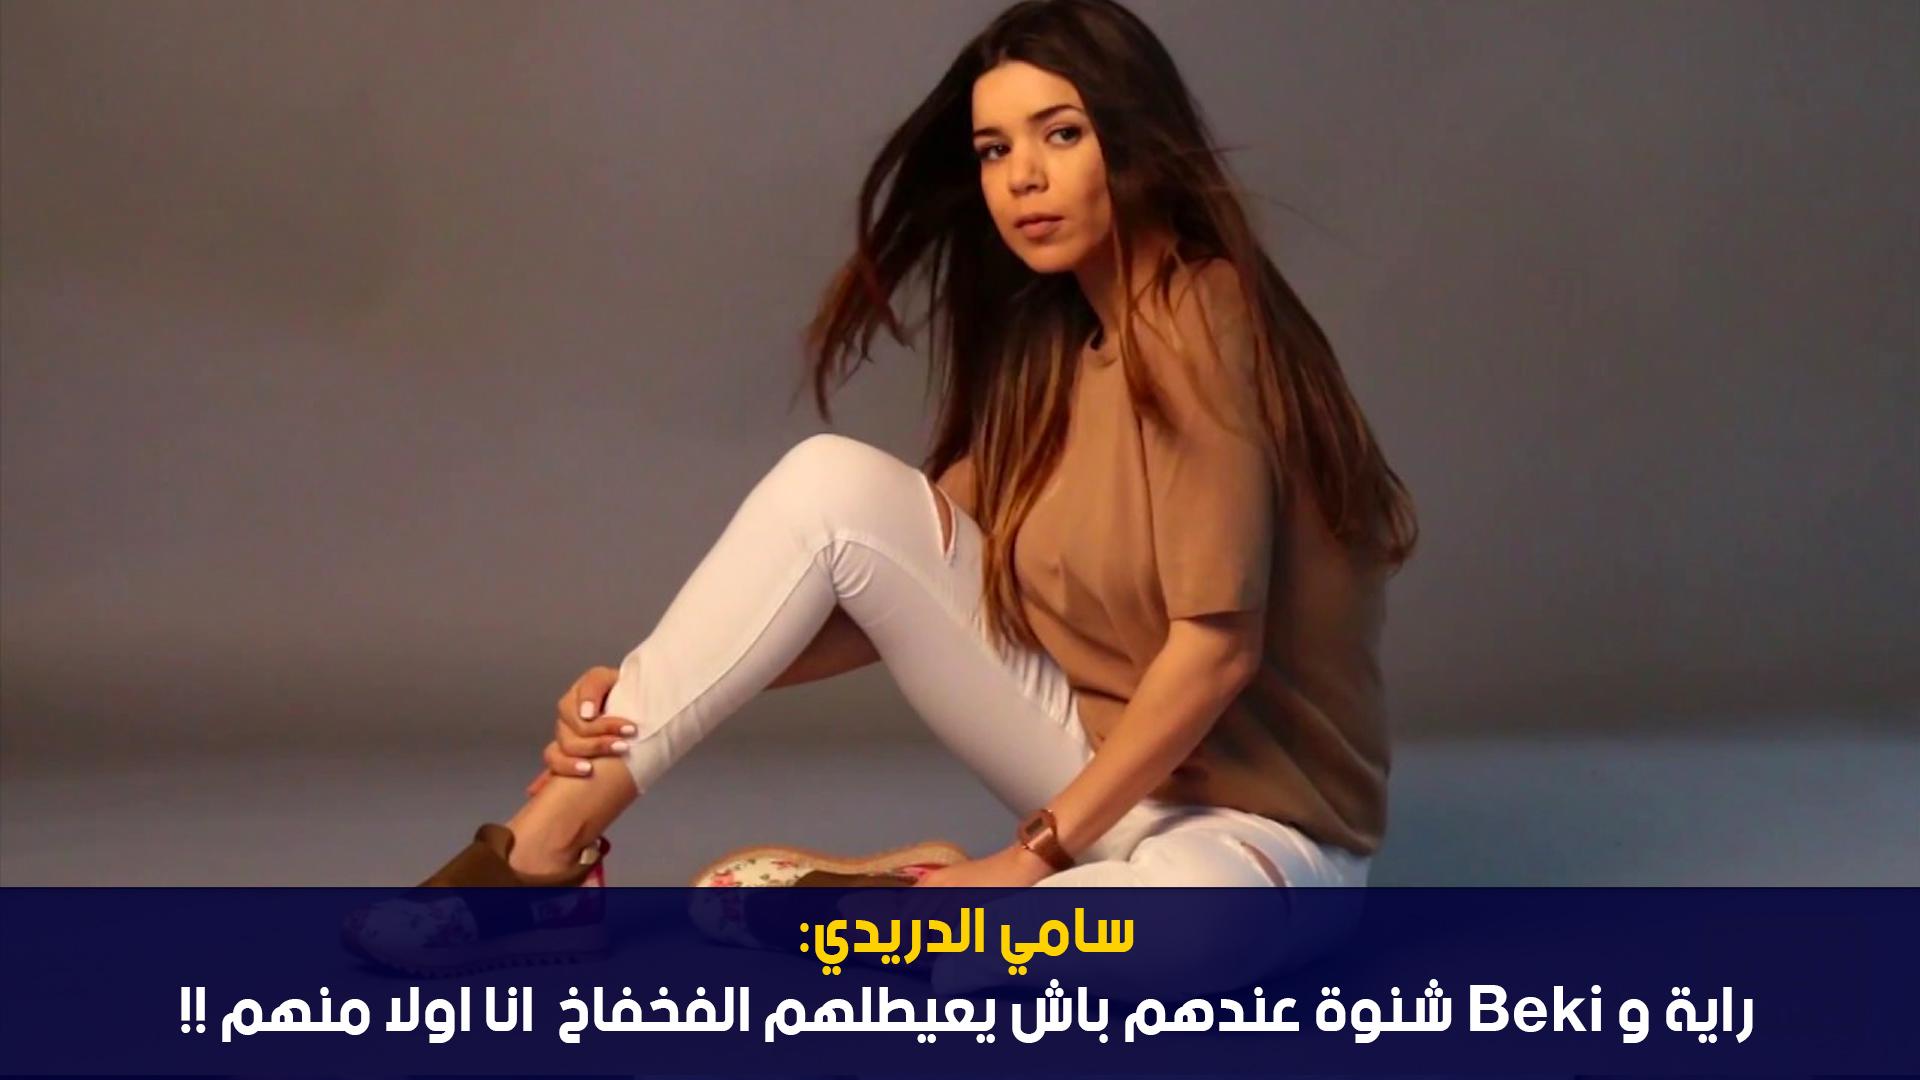 سامي الدريدي:راية و Beki شنوة عندهم باش يعيطلهم الفخفاخ انا اولا منهم !!